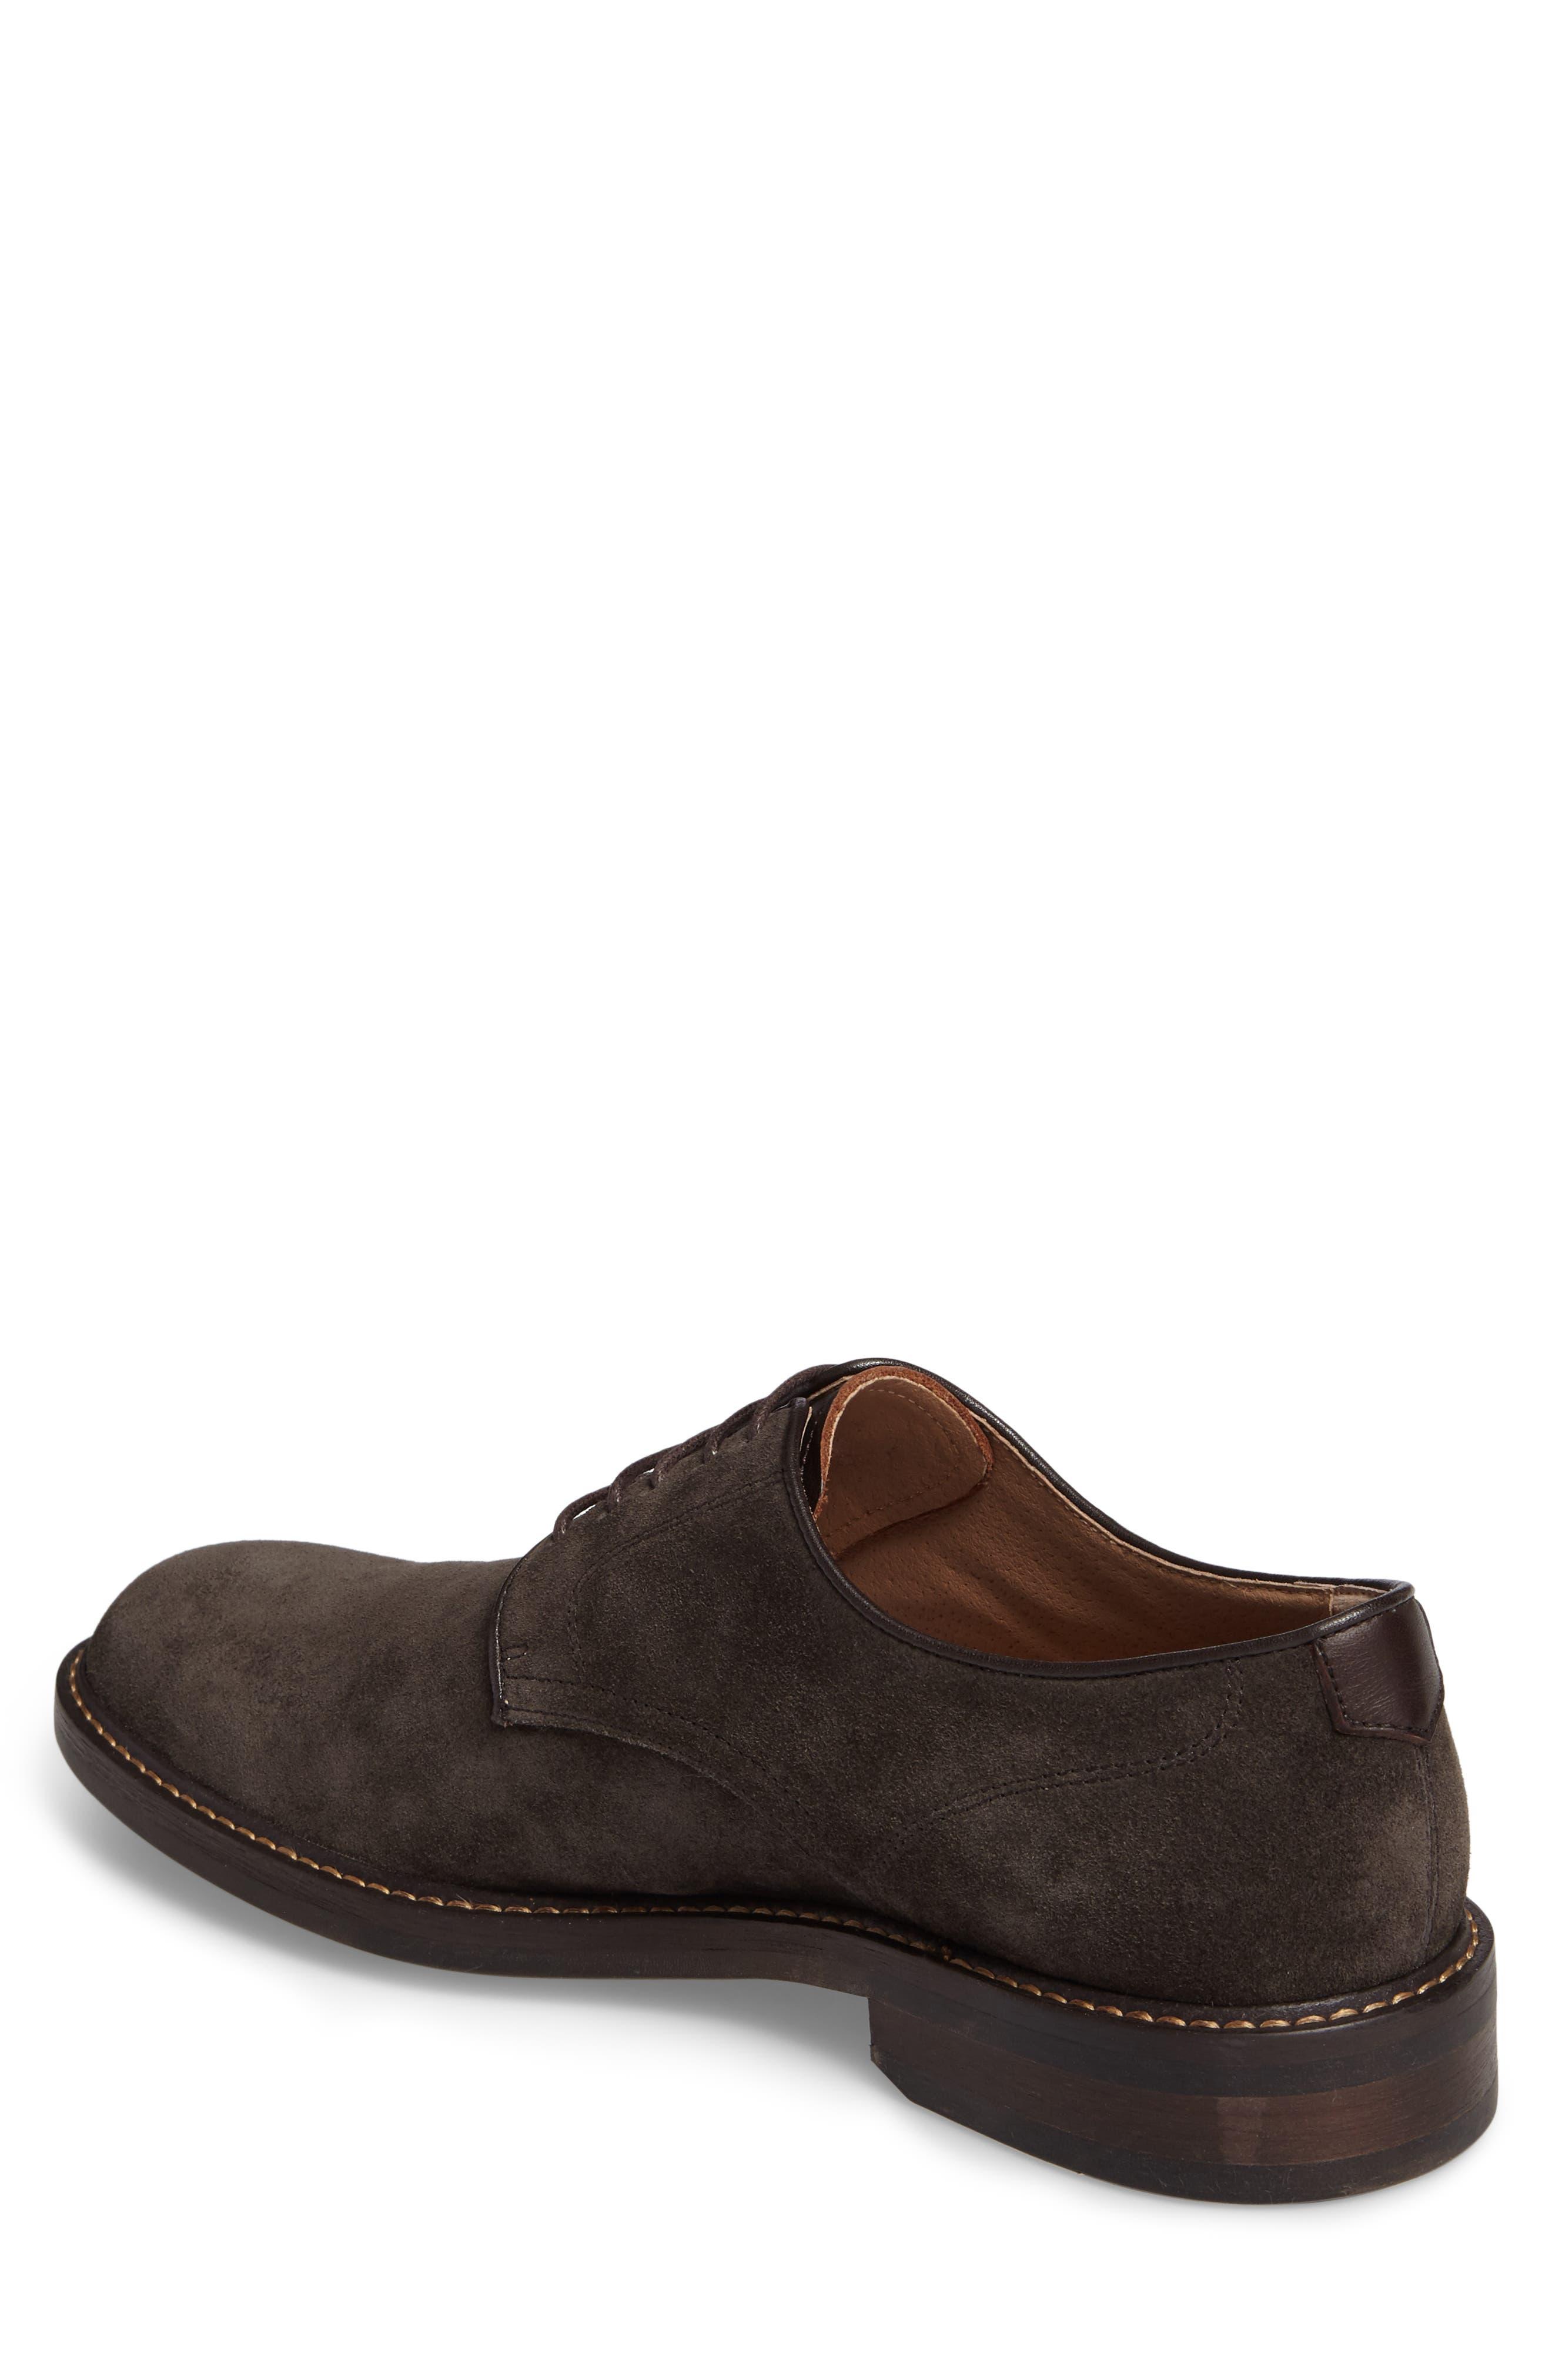 Byron Buck Shoe,                             Alternate thumbnail 2, color,                             Carbon Suede